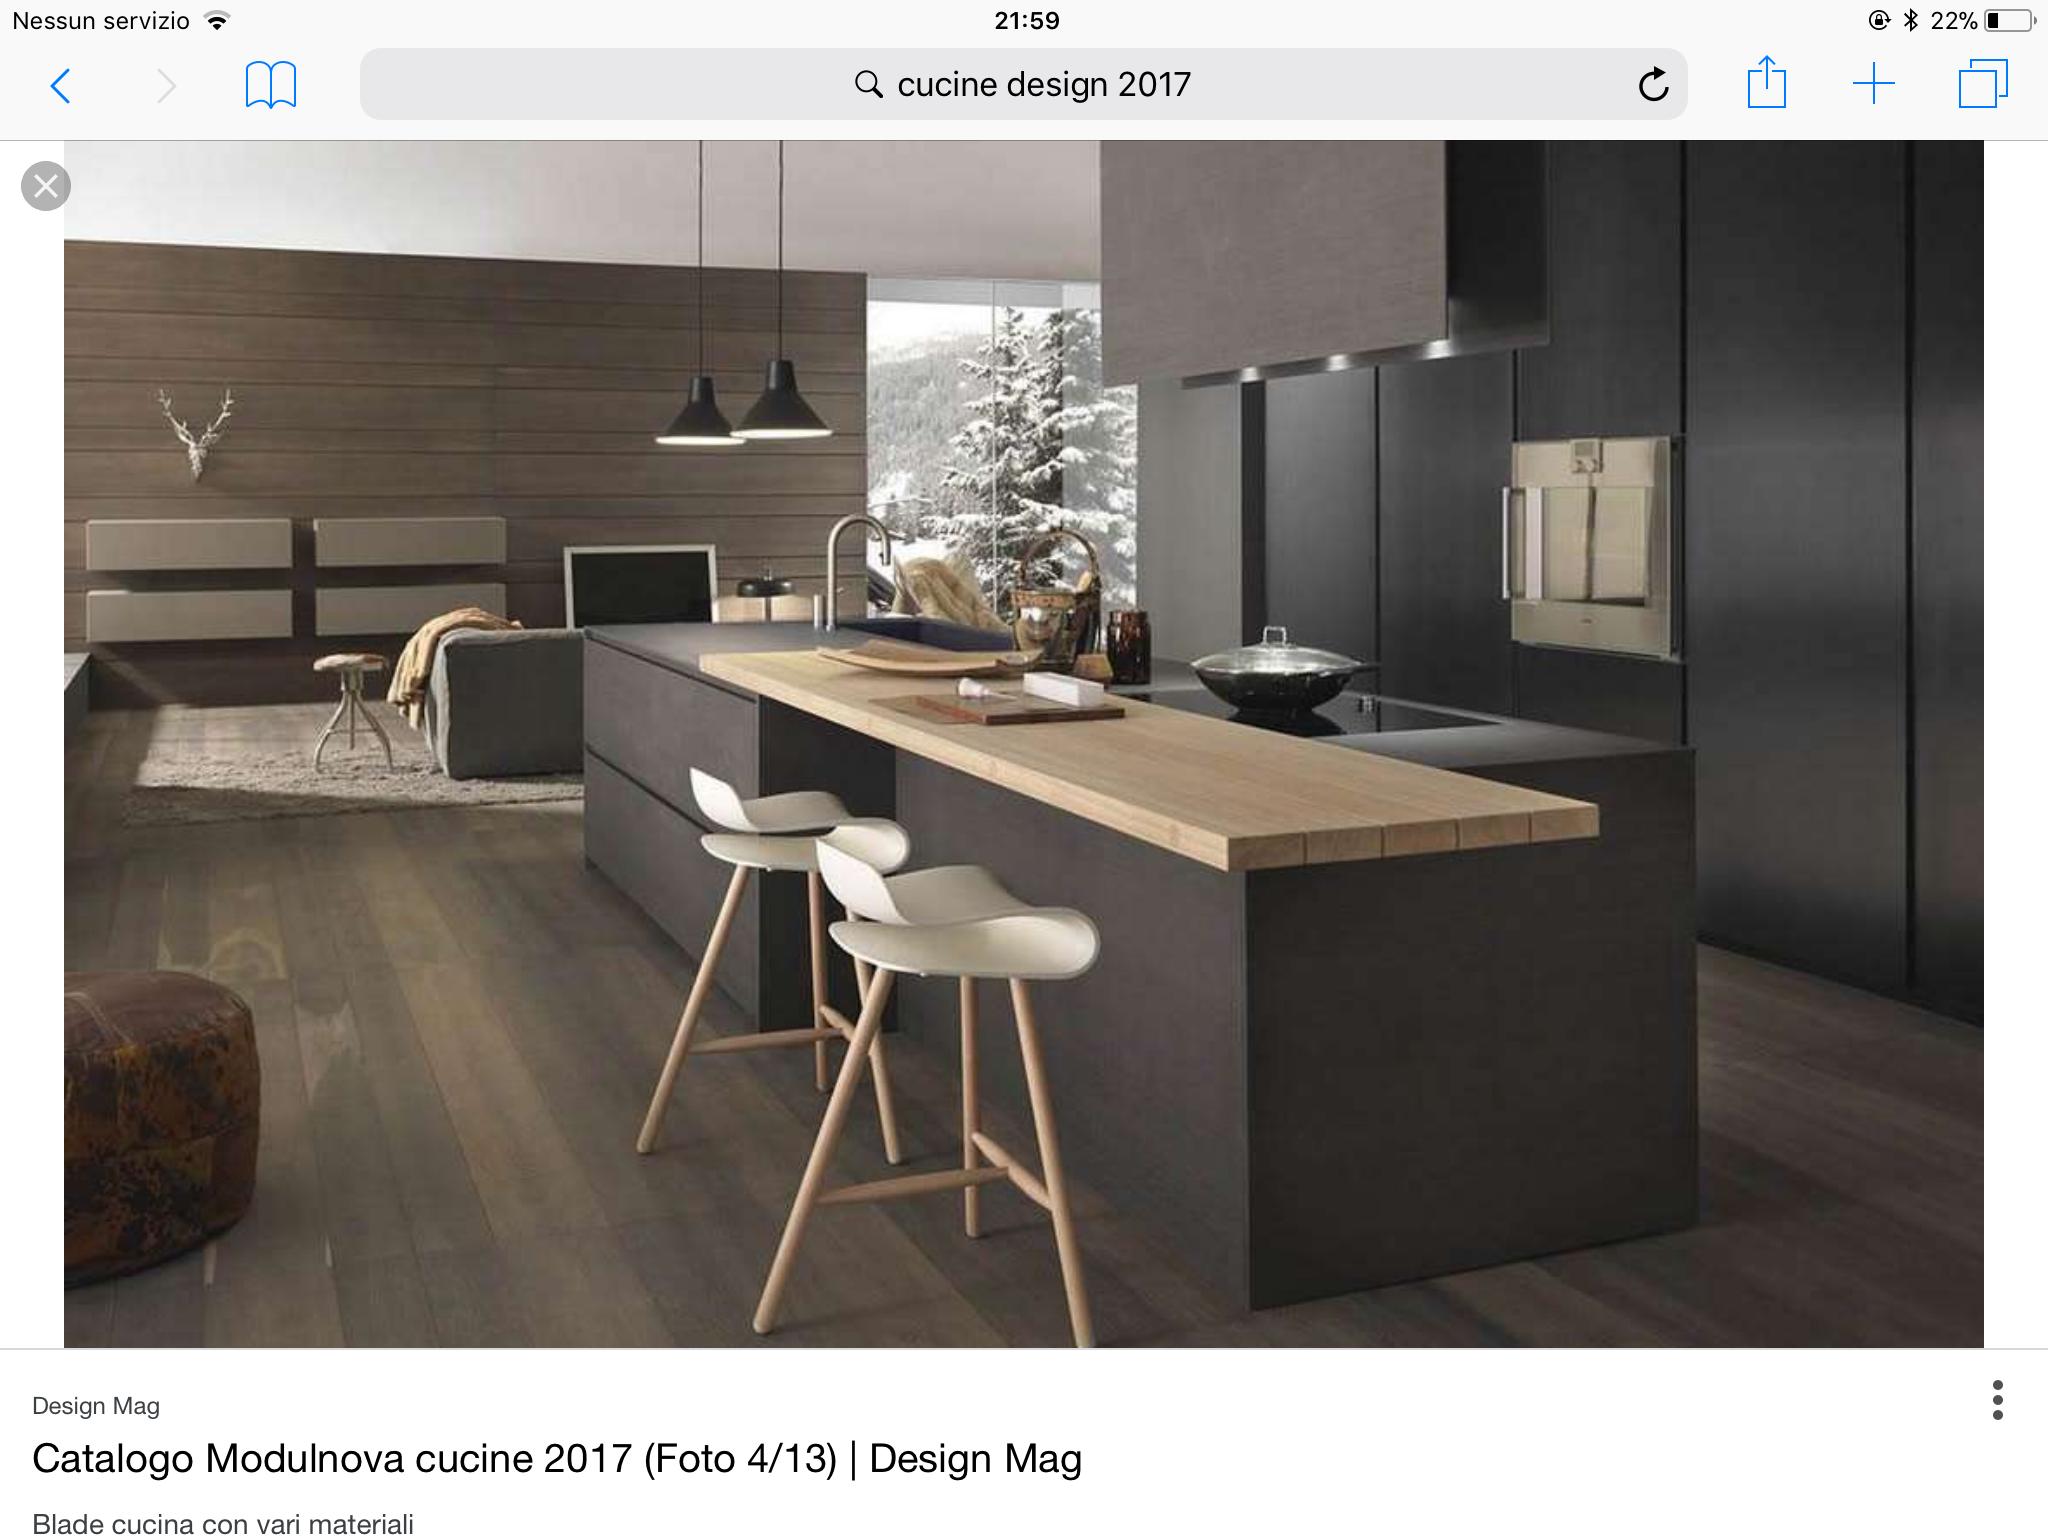 Küchenhalbinsel, Kochinseln, Moderne Küchen, Moderne Einrichtung, Küchen  Design, Ideen Für Die Küche, Moderne Küchen Inspiration, Loft Einrichtung,  Küchen